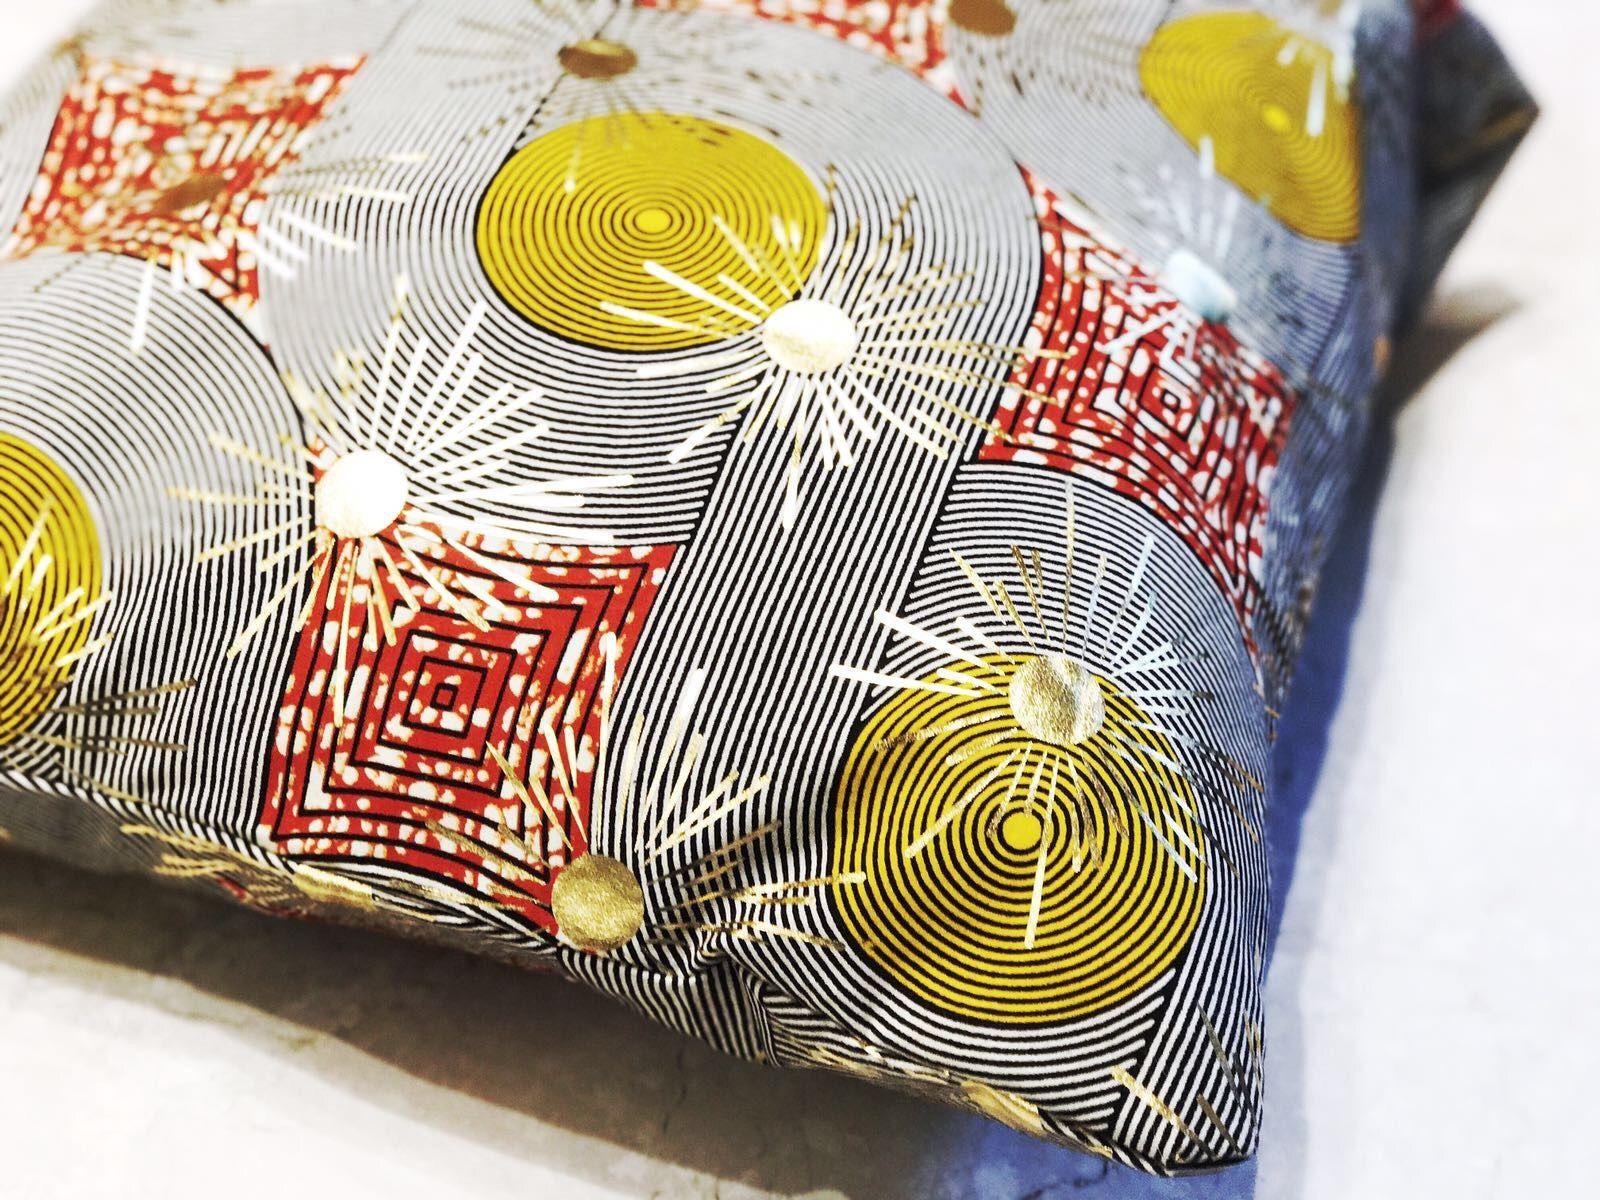 Cuscini Color Oro.Nuova Collezione Cuscini Tessuto In Cotone Con Inserti Color Oro